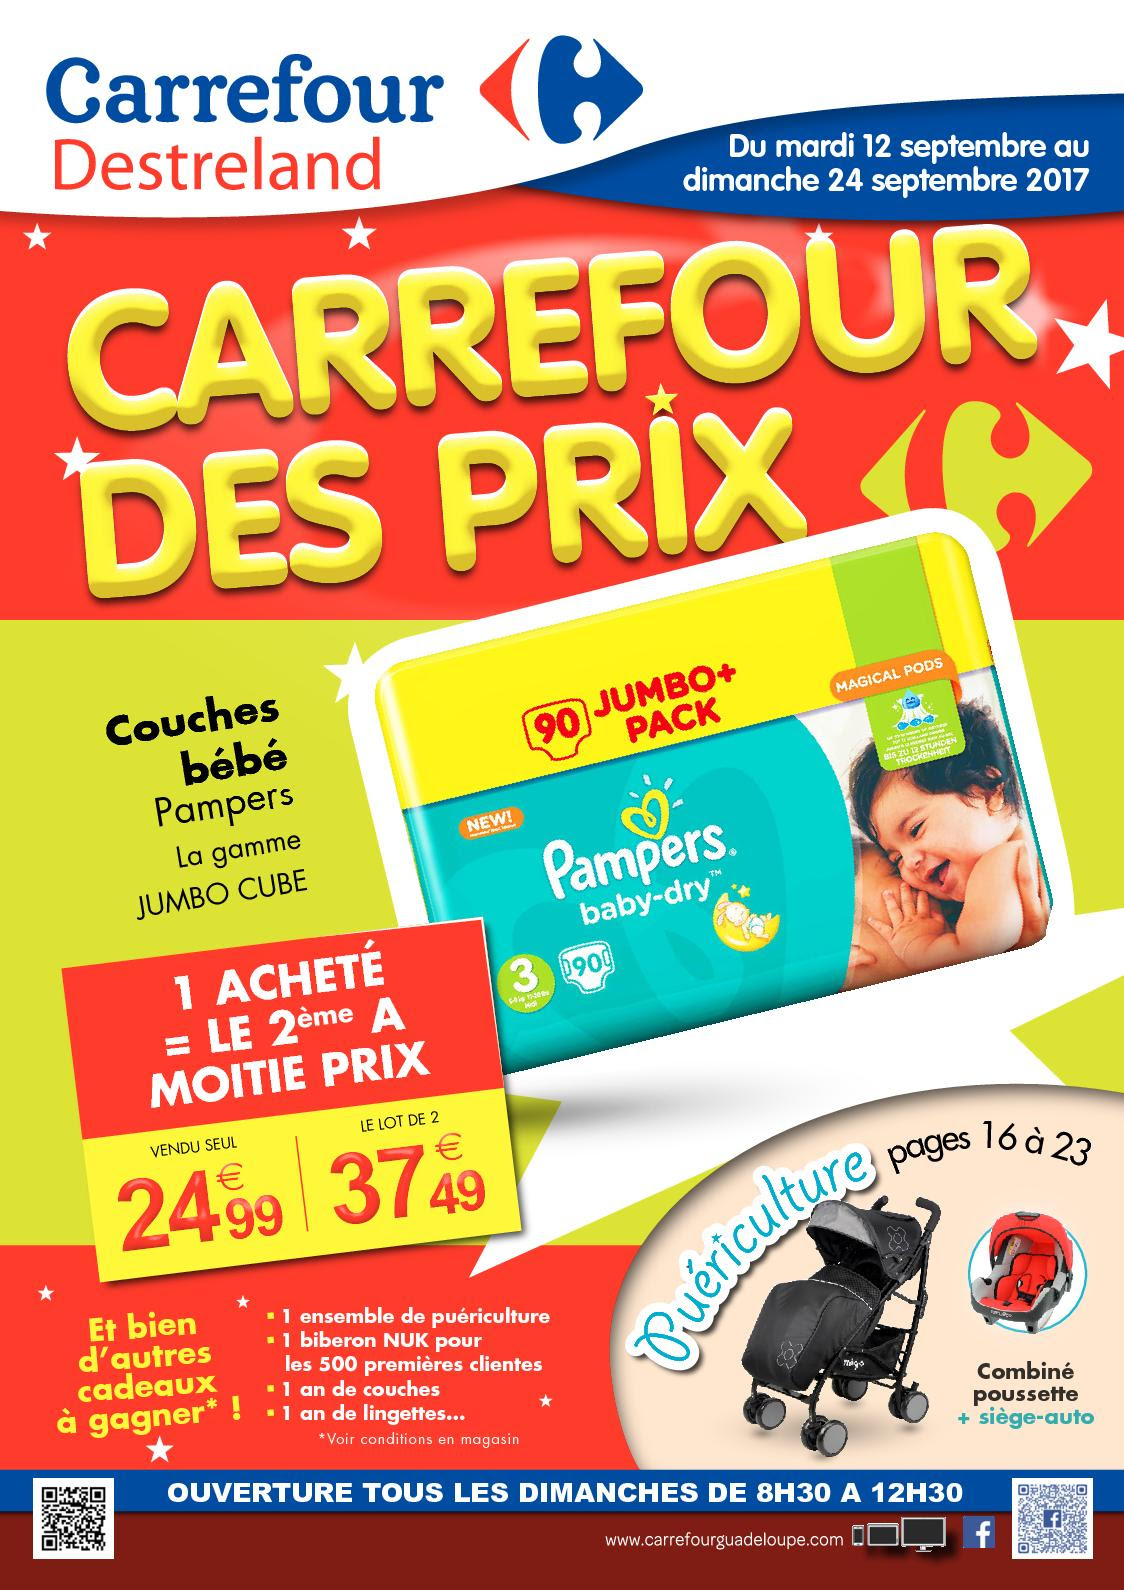 Calaméo Carrefour Destreland Carrefour Des Prix 0917